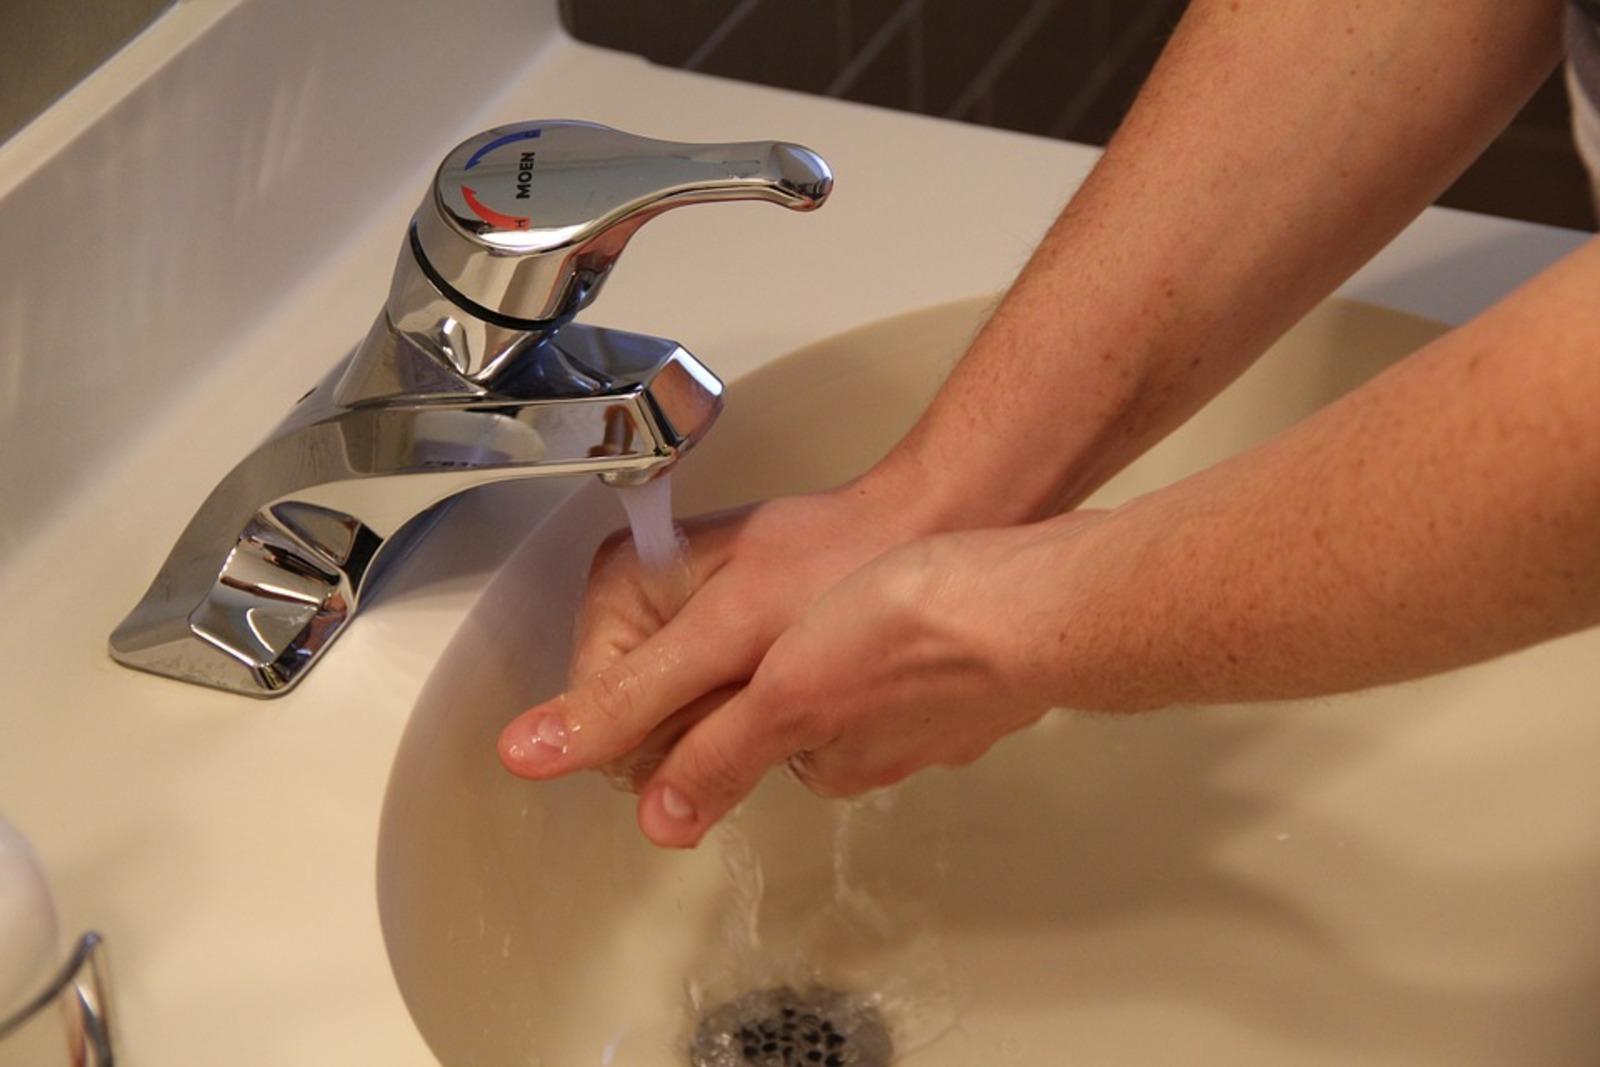 Дерматолог объяснила, почему нельзя часто мыть руки